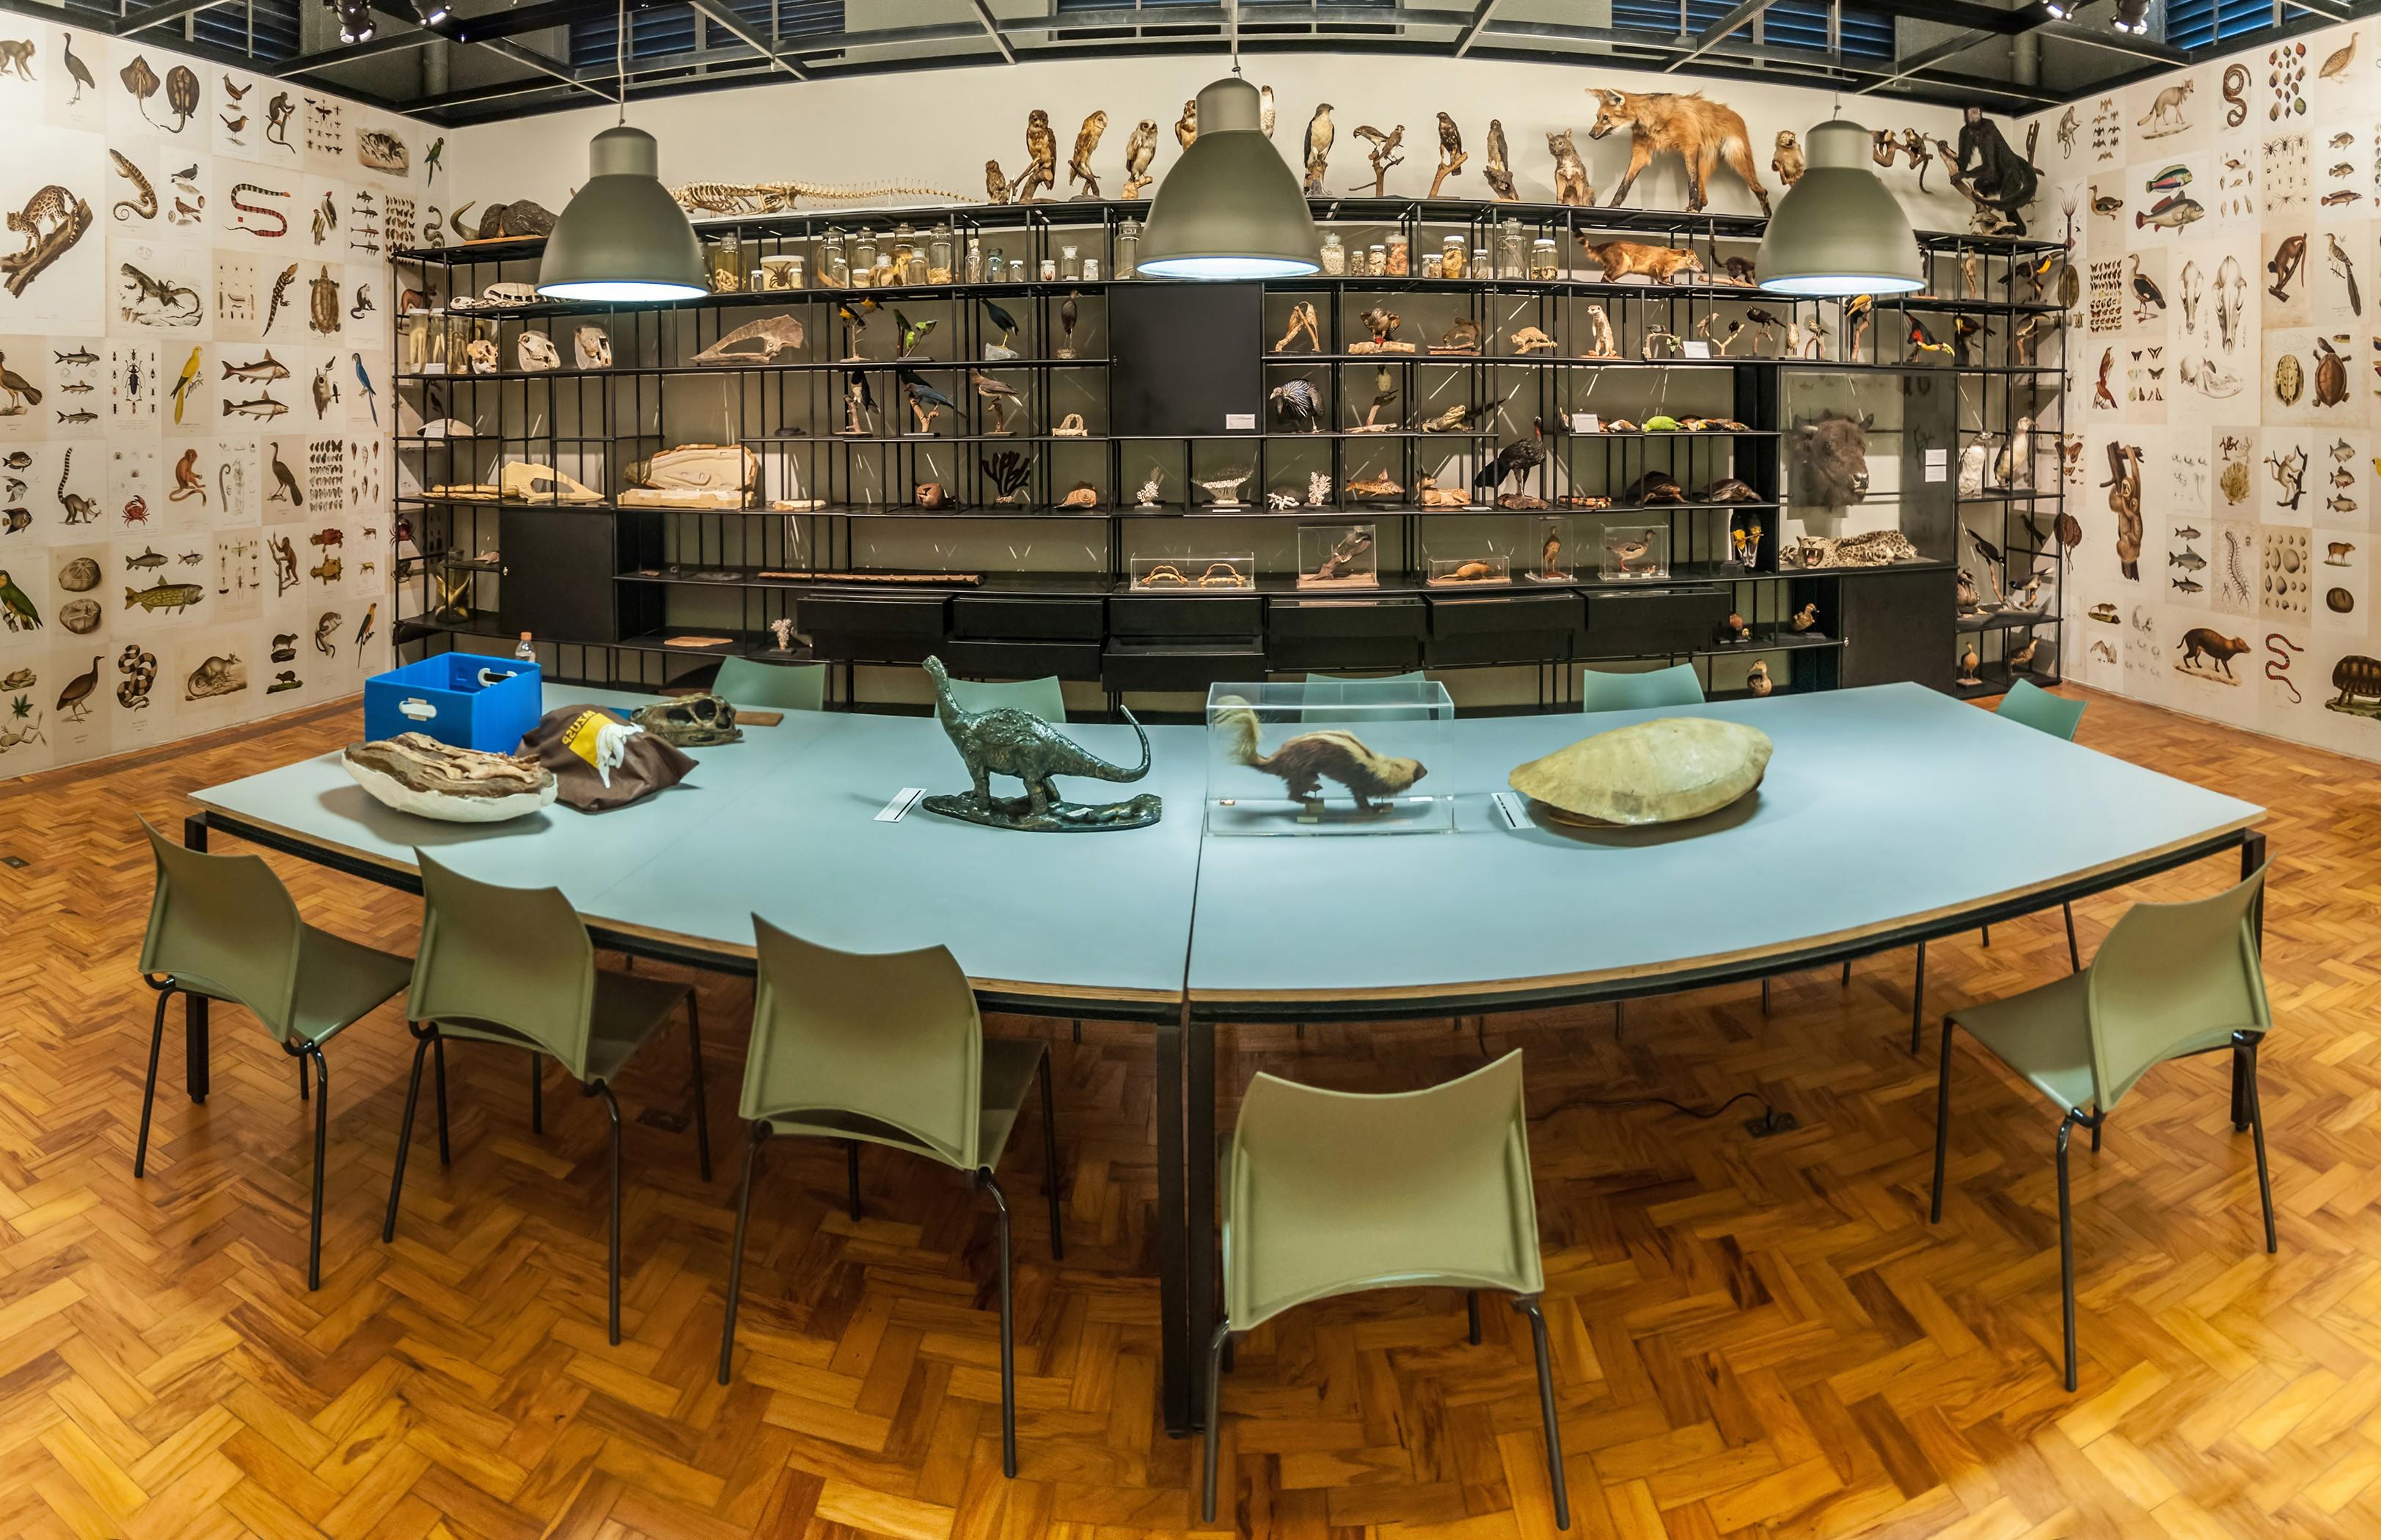 Museu de Zoologia da Universidade de São Paulo (Foto: Reprodução/wikimediacommons)